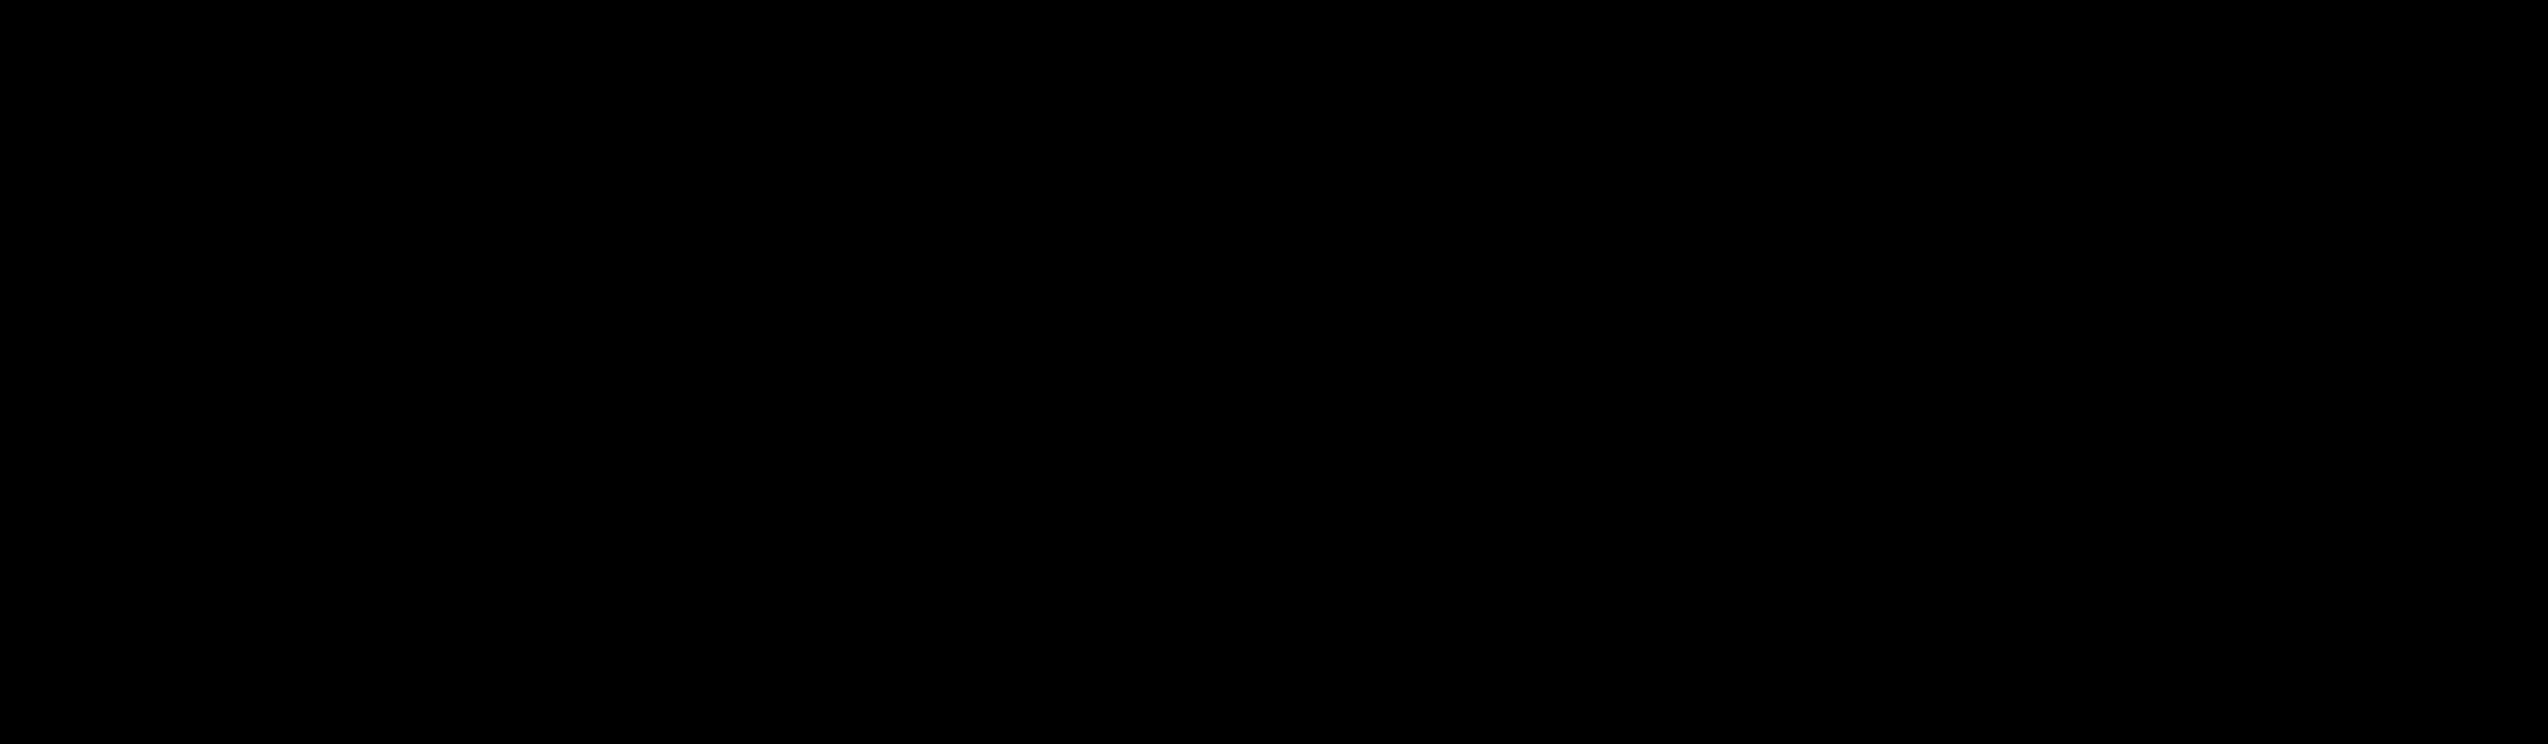 3-{2-Methoxy-d<sub>3</sub>-4-[(1E)-3-oxo-3-(3-(1,2,3,4-tetrahydroacridin-9-ylamino)propylamino)prop-1-enyl]phenoxy}propyl nitrate